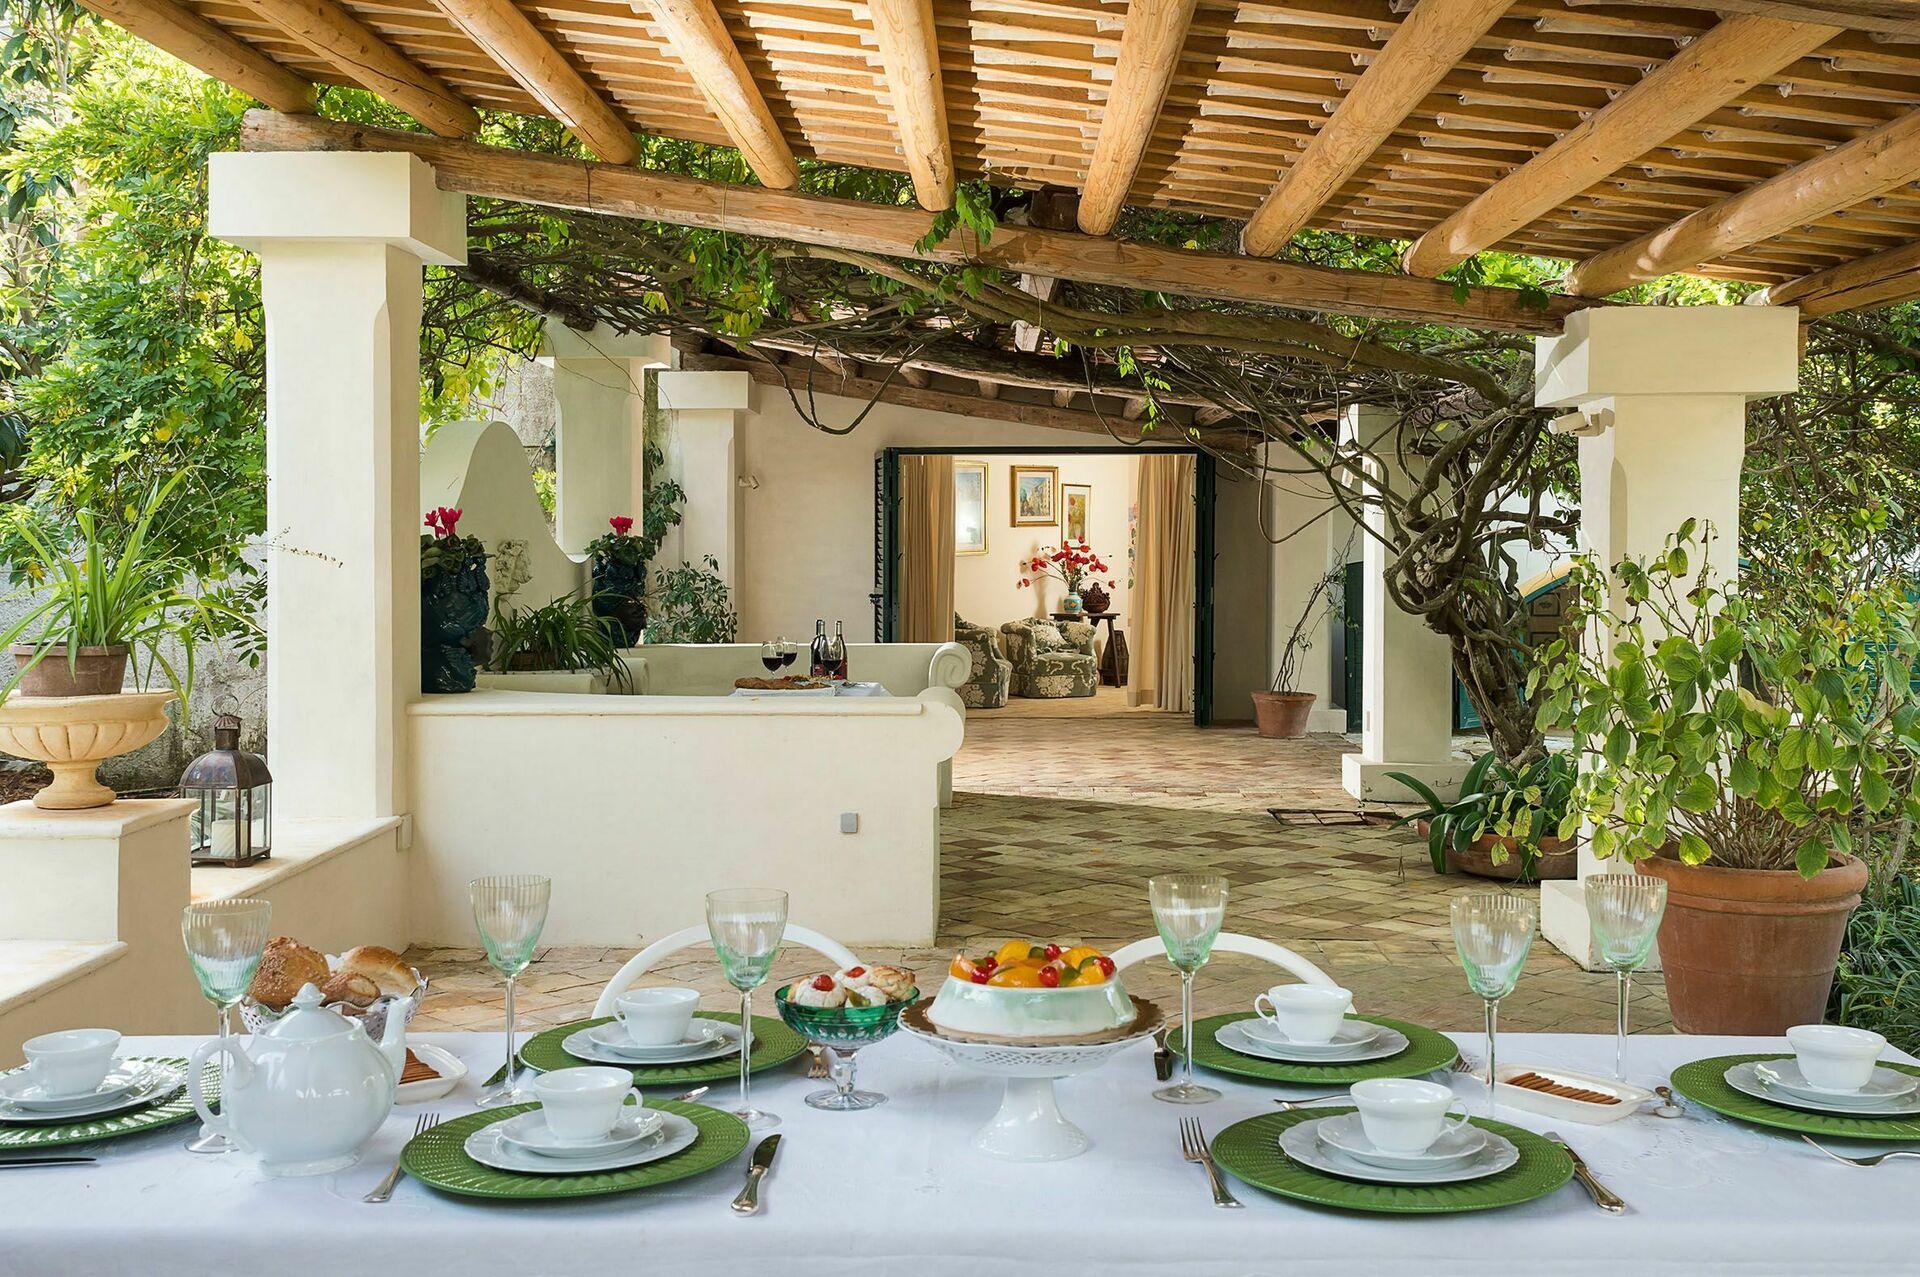 villa san ciro luxus ferienhaus in salemi sizilien 10 schlafpl tze und 5 schlafzimmer luxus. Black Bedroom Furniture Sets. Home Design Ideas